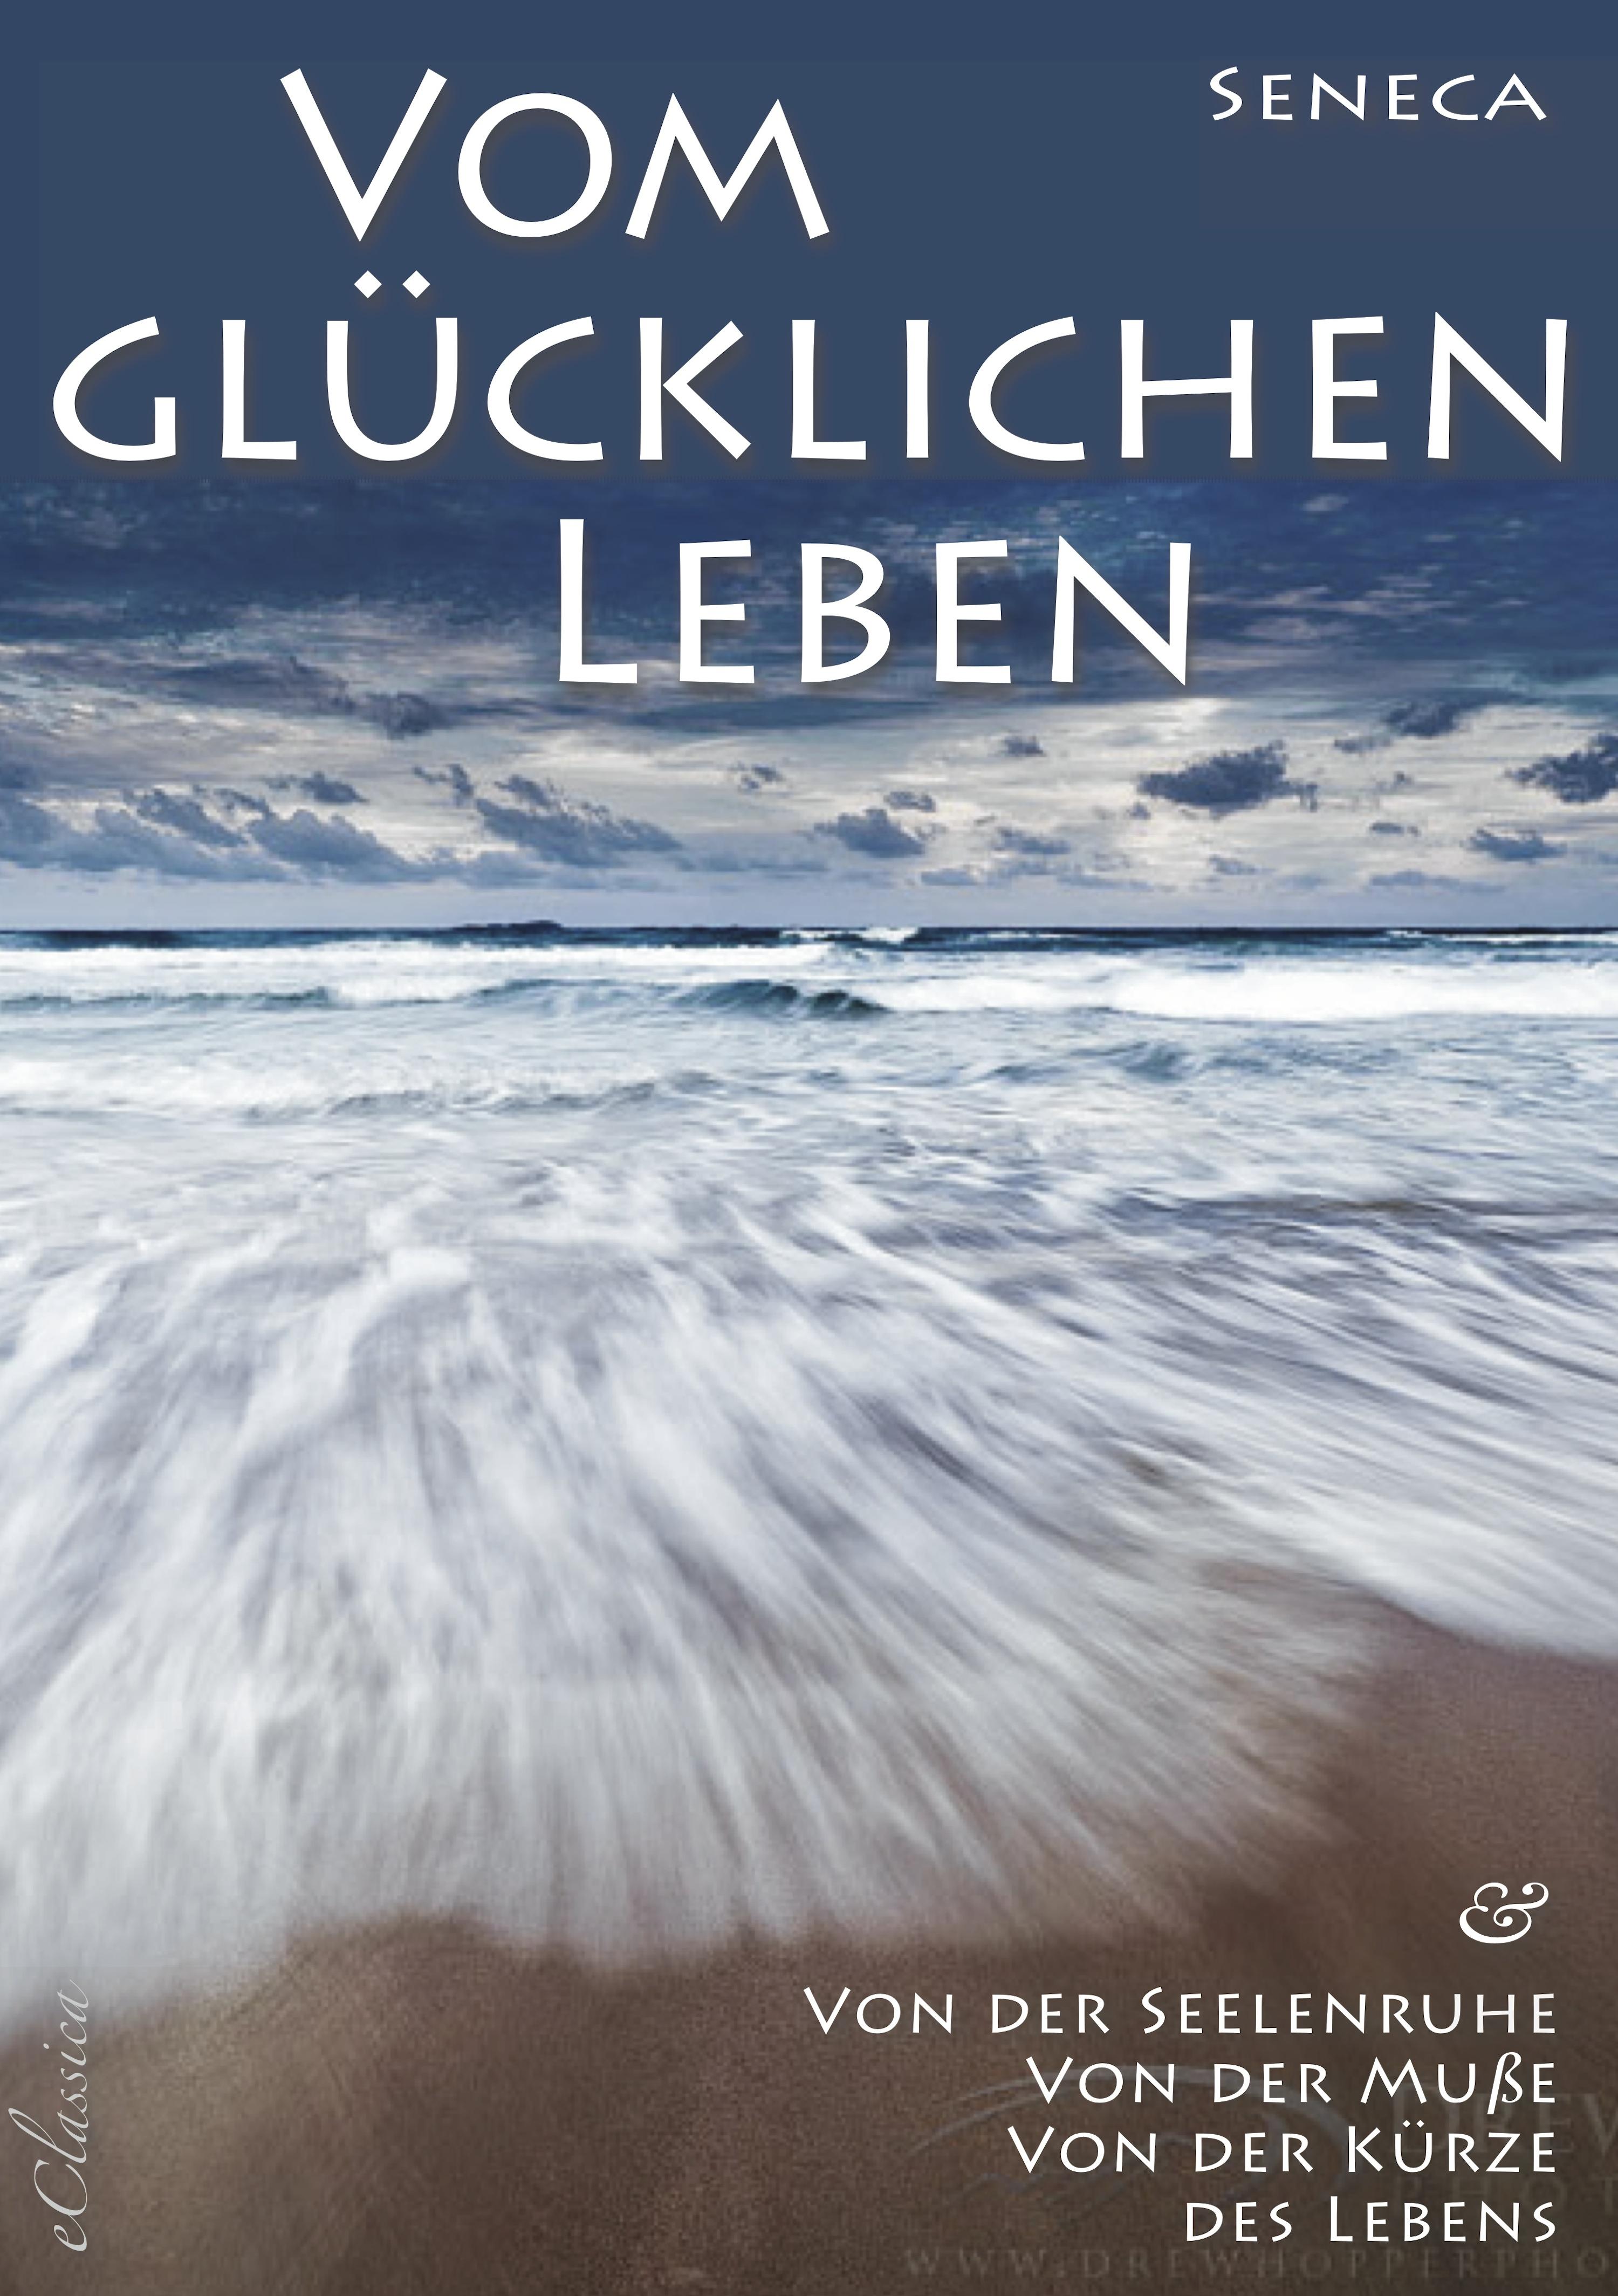 цена на Seneca Seneca: Von der Seelenruhe | Vom glücklichen Leben | Von der Muße | Von der Kürze des Lebens